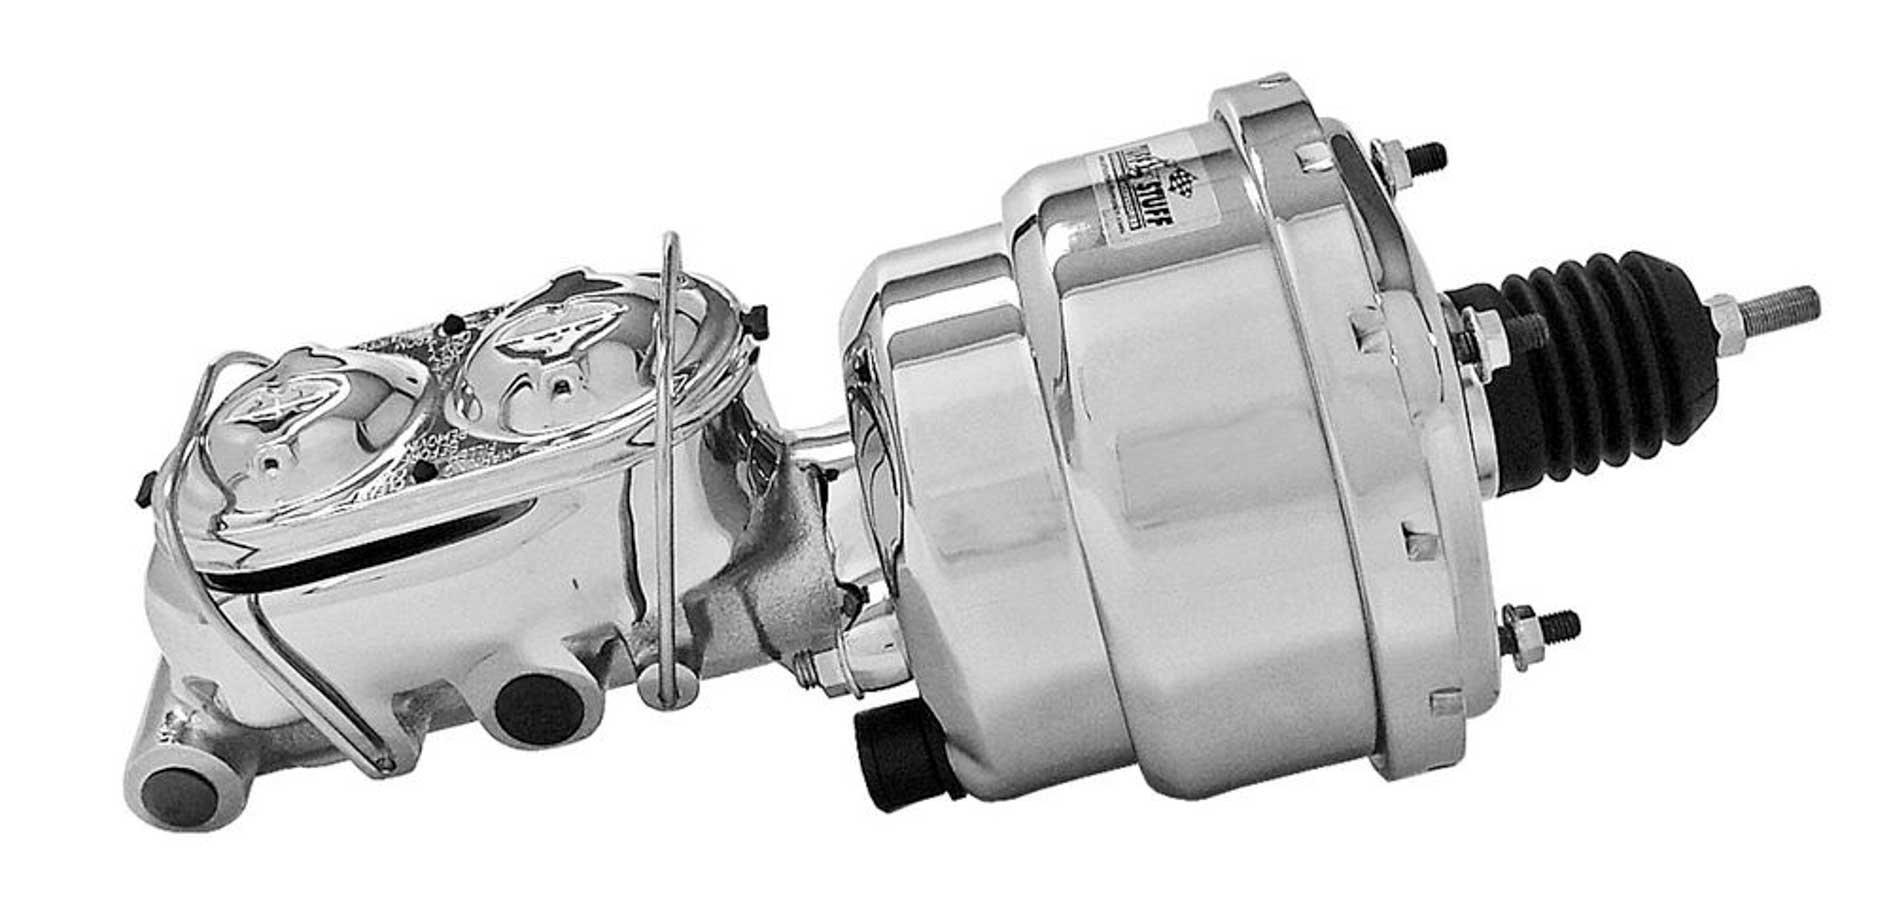 Tuff Stuff 2122NA1 7'' Chrome Brake Booster with 2020NA Master Cylinder